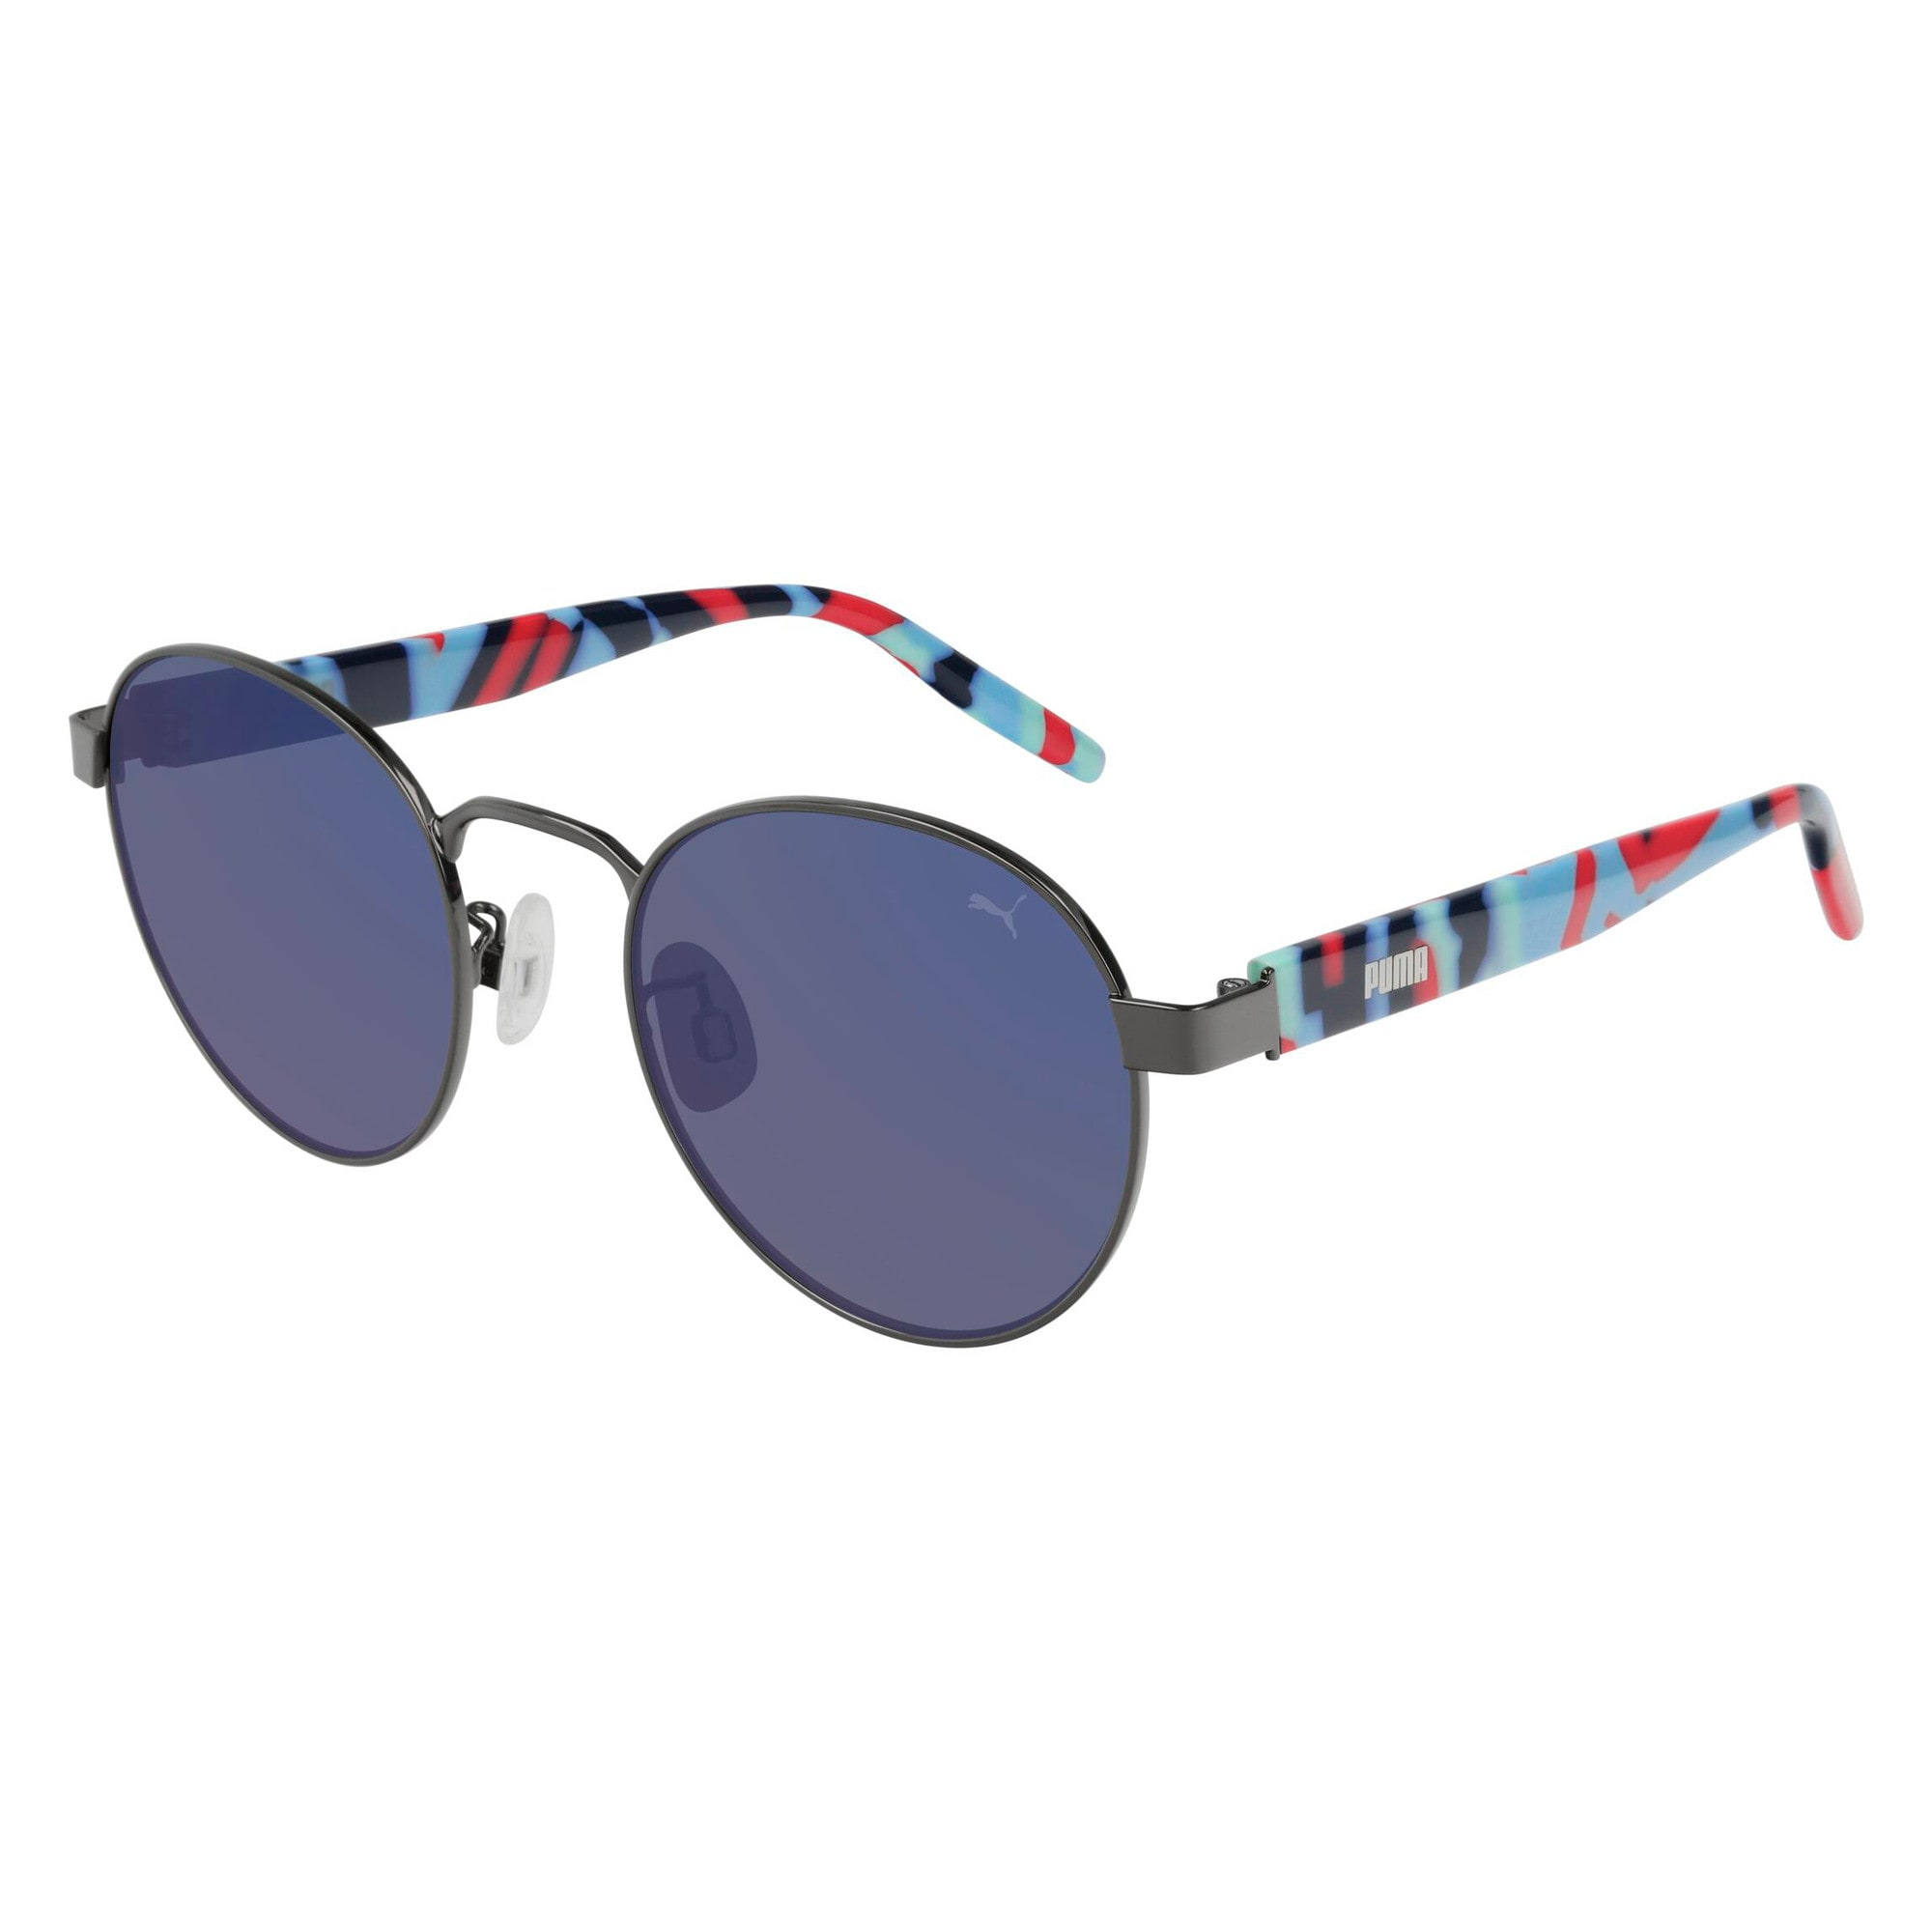 Thumbnail 1 of Catalina Round Metal Sunglasses, RUTHENIUM, medium